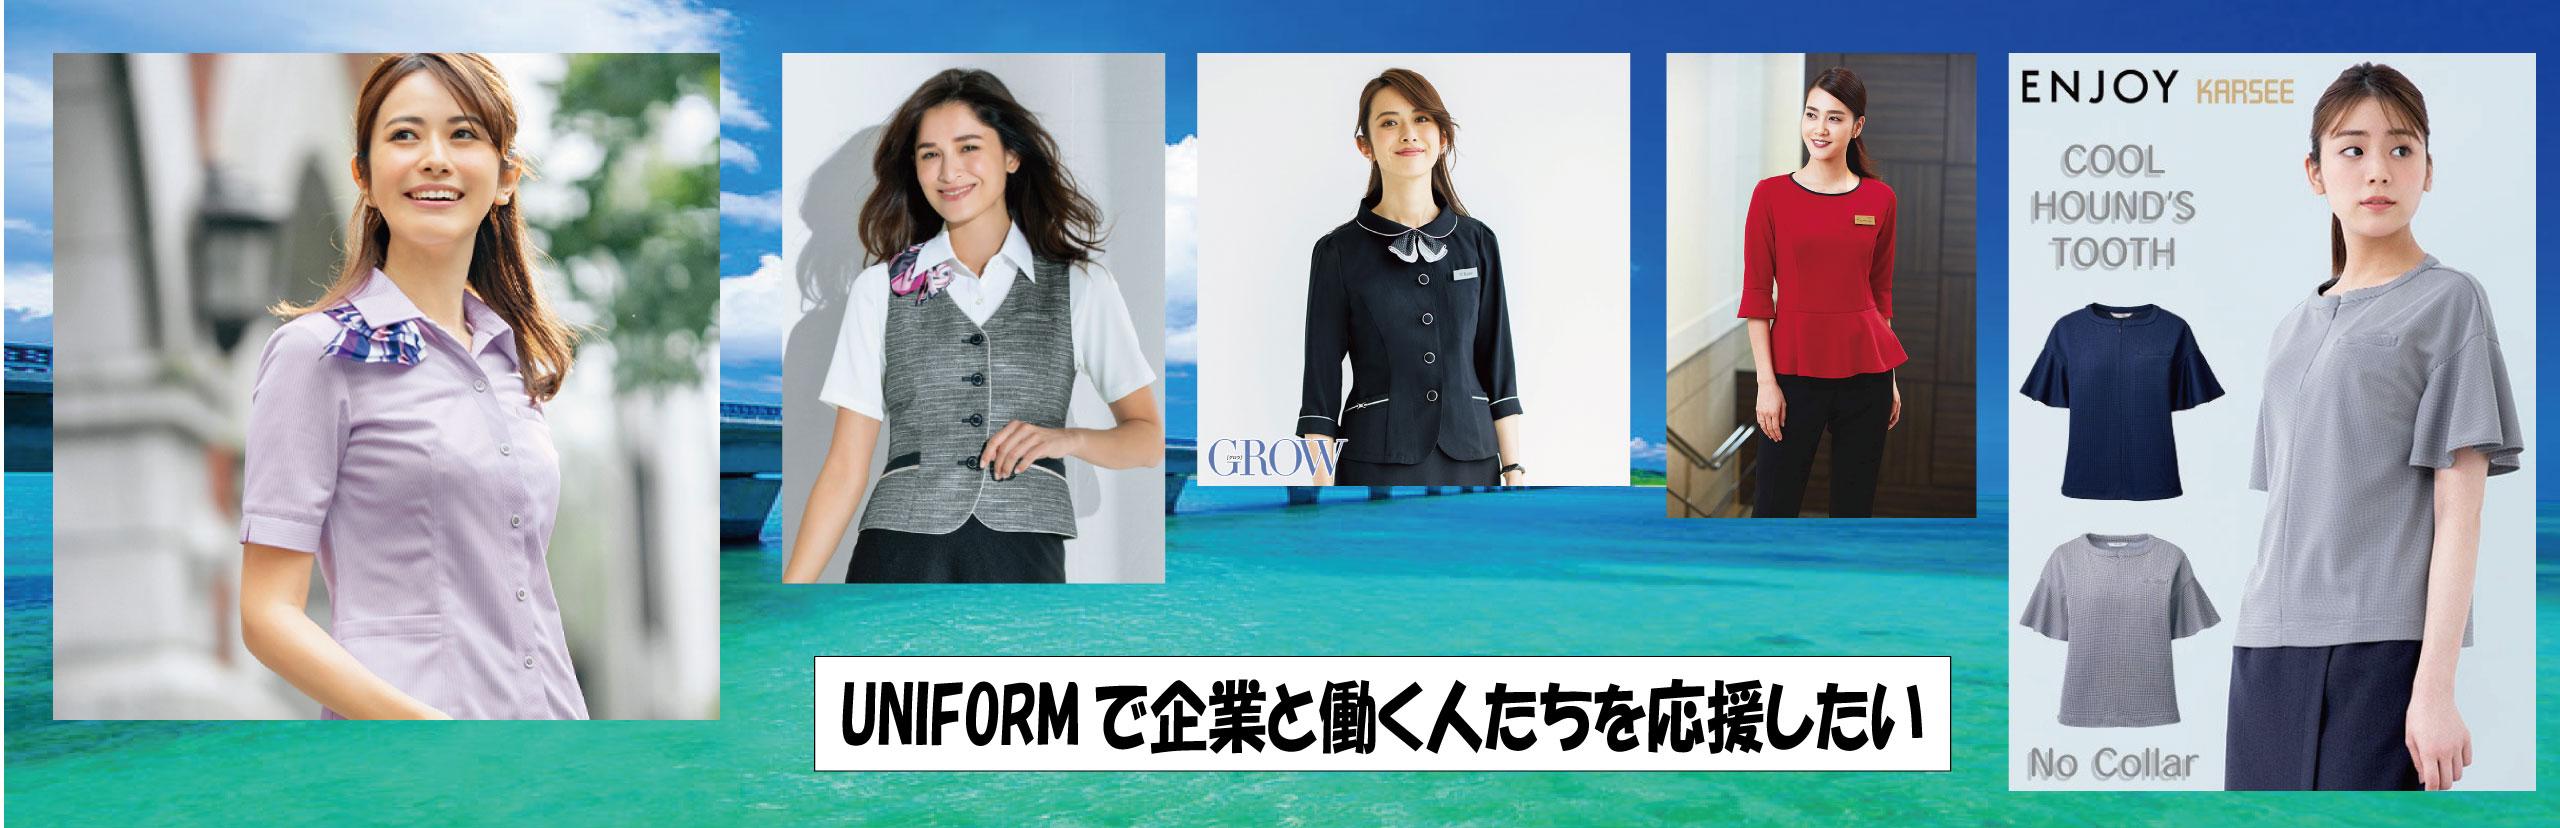 UNIFORMで企業と働く人たちを応援したい 1